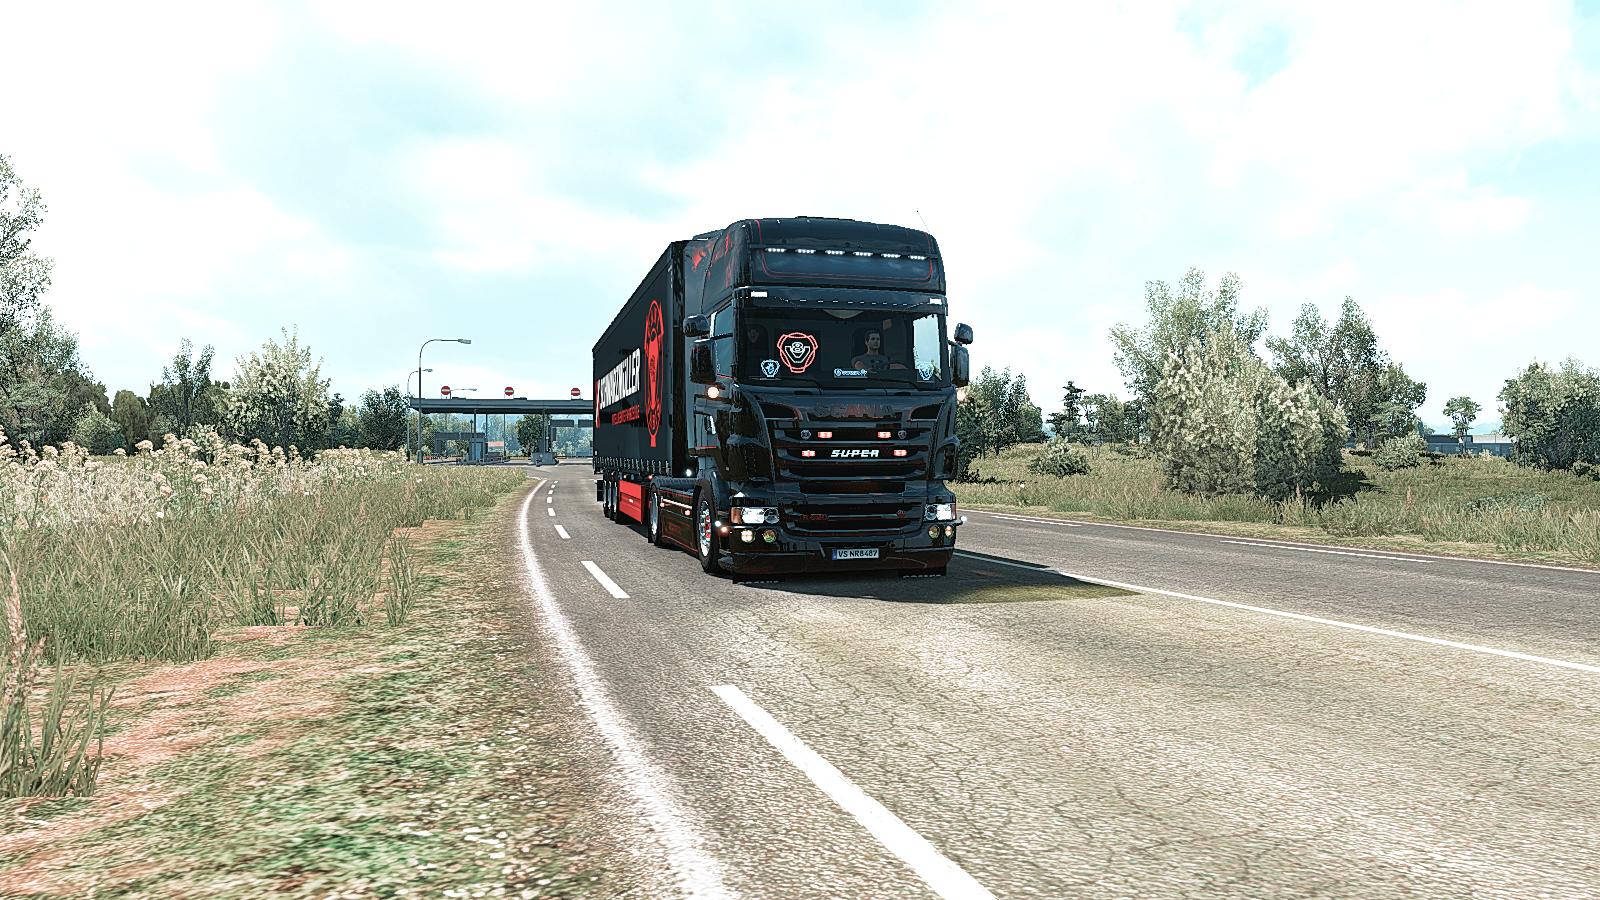 eurotrucks2 2018-06-04 18-29-22.png - Euro Truck Simulator 2